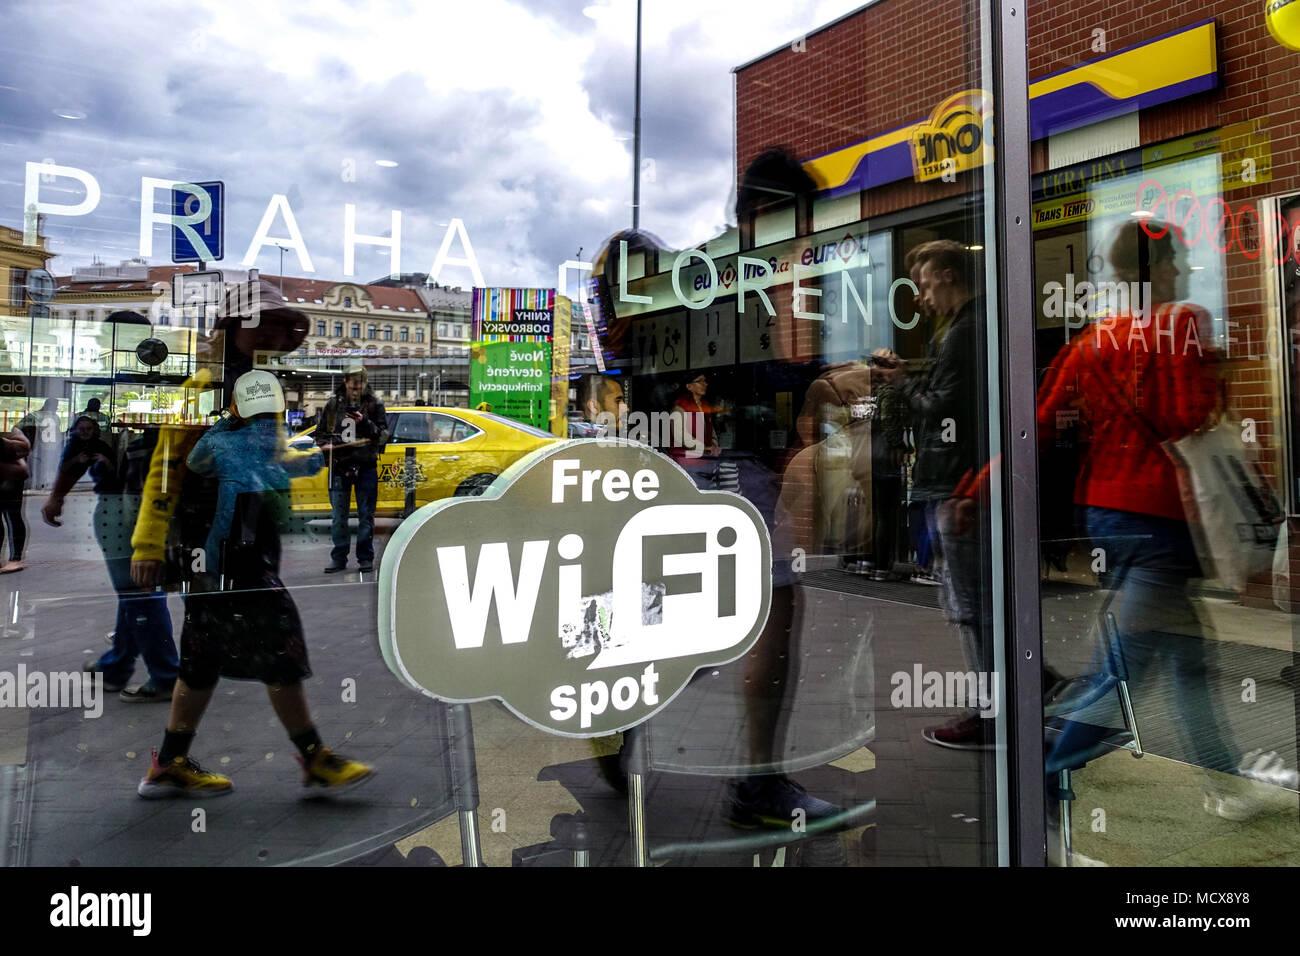 Estación de autobuses Florenc Praga reflexión sobre el cristal de la puerta, Wi Fi in situ logo, República Checa Imagen De Stock